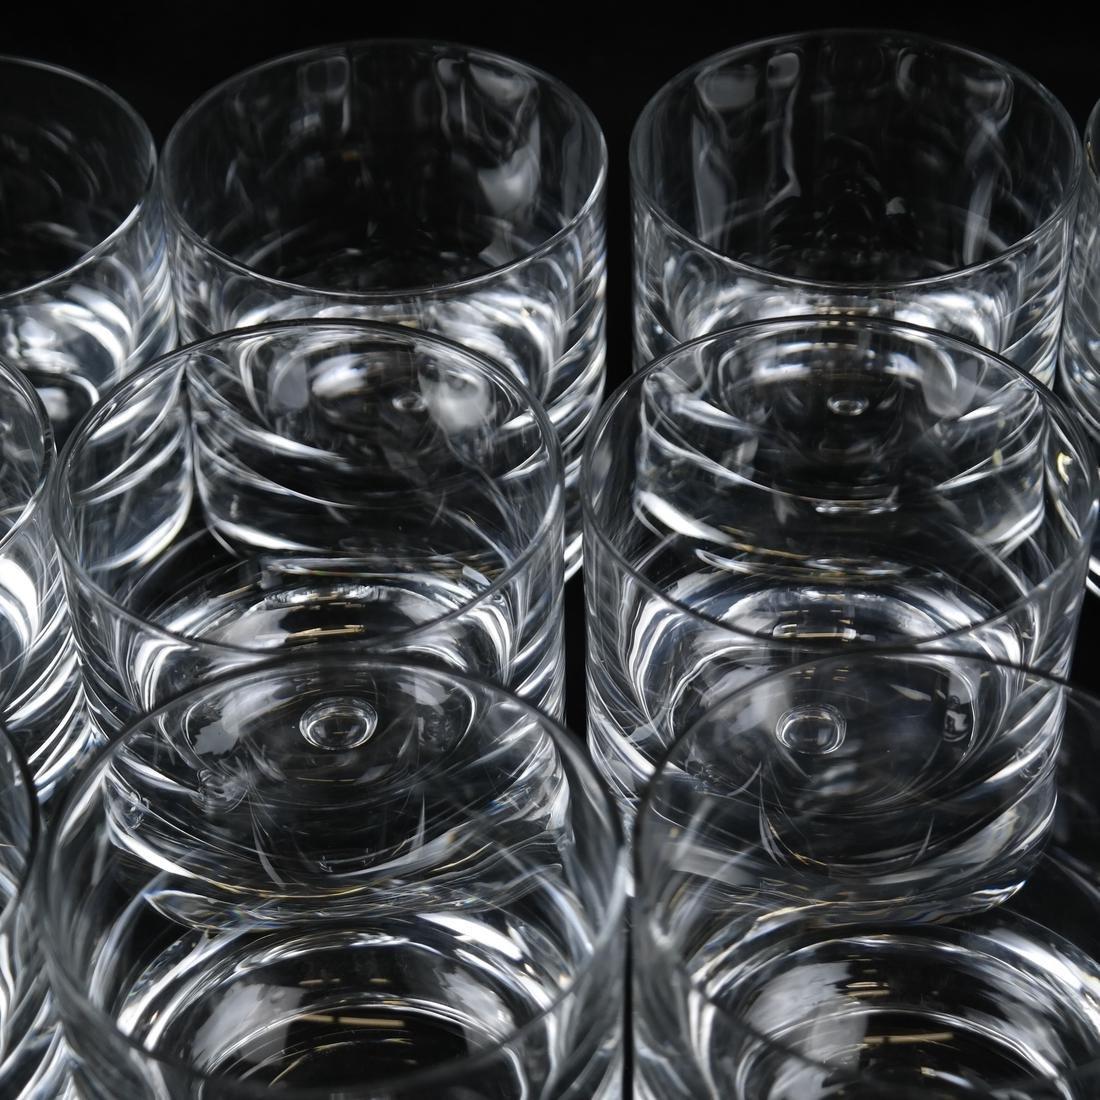 Twelve Steuben-manner Rocks Glasses - 2